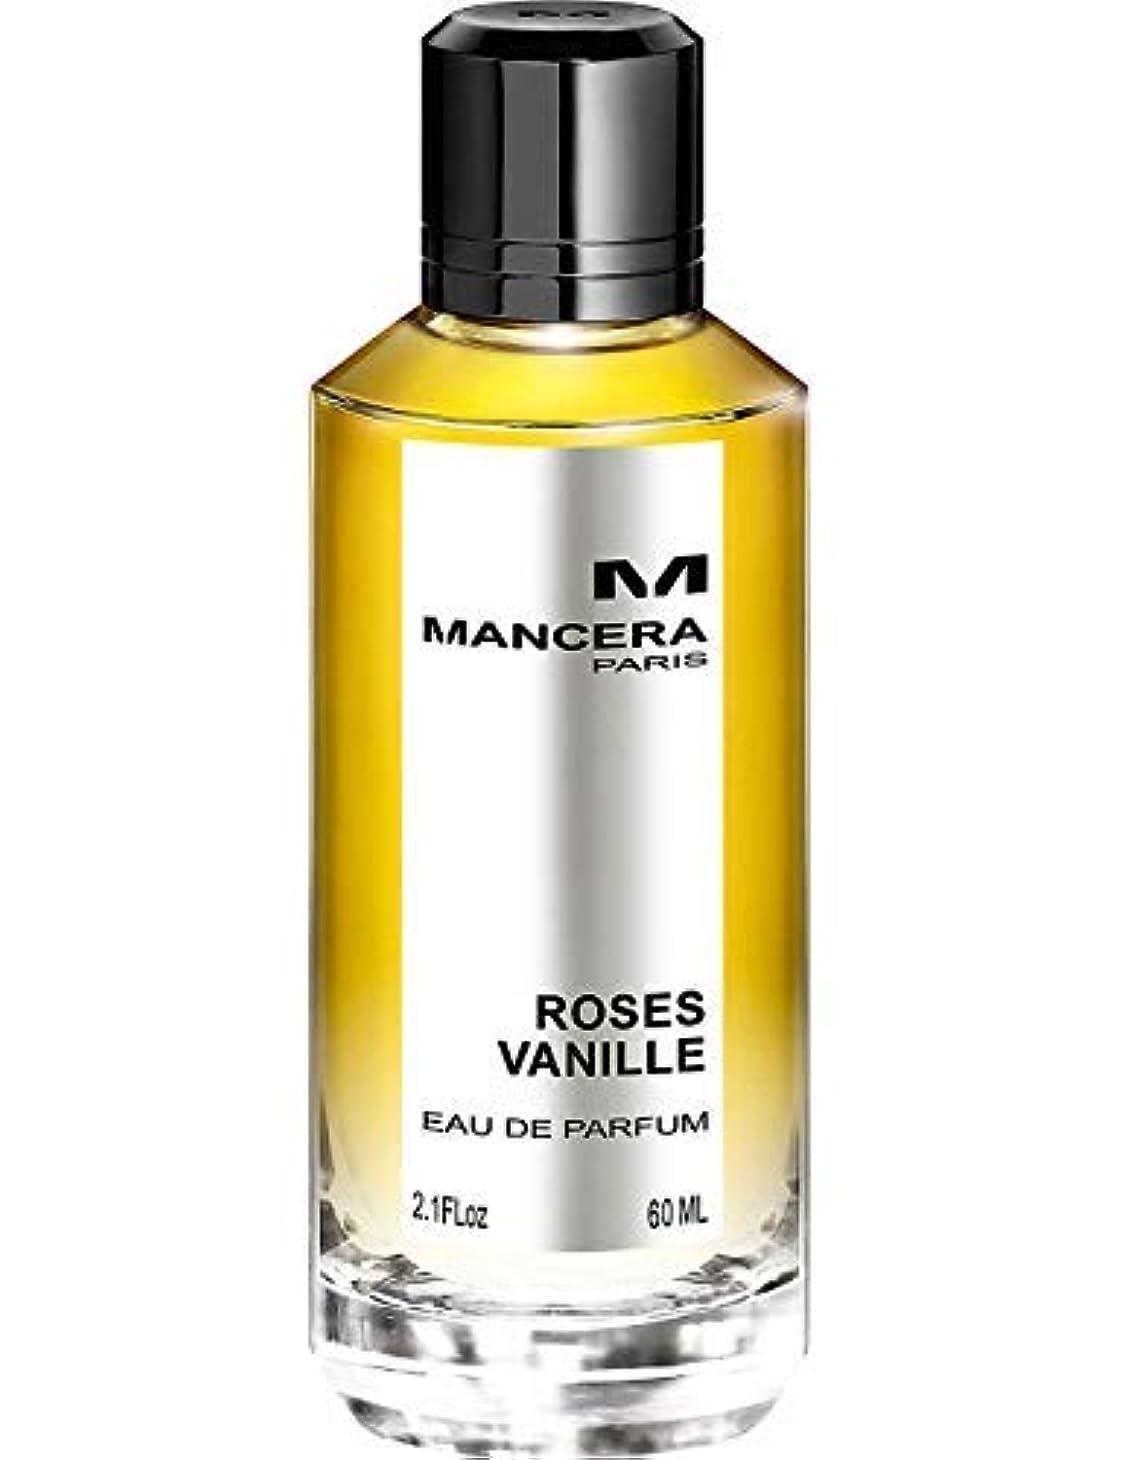 真剣に乱れ路面電車100% Authentic MANCERA Roses Vanille Eau de Perfume 60ml Made in France + 2 Mancera Samples + 30ml Skincare / + 2個のManceraサンプル+ 30ミリリットルのスキンケアフランス製100%本物MANCERAバラヴァニラオード香水60ミリリットル